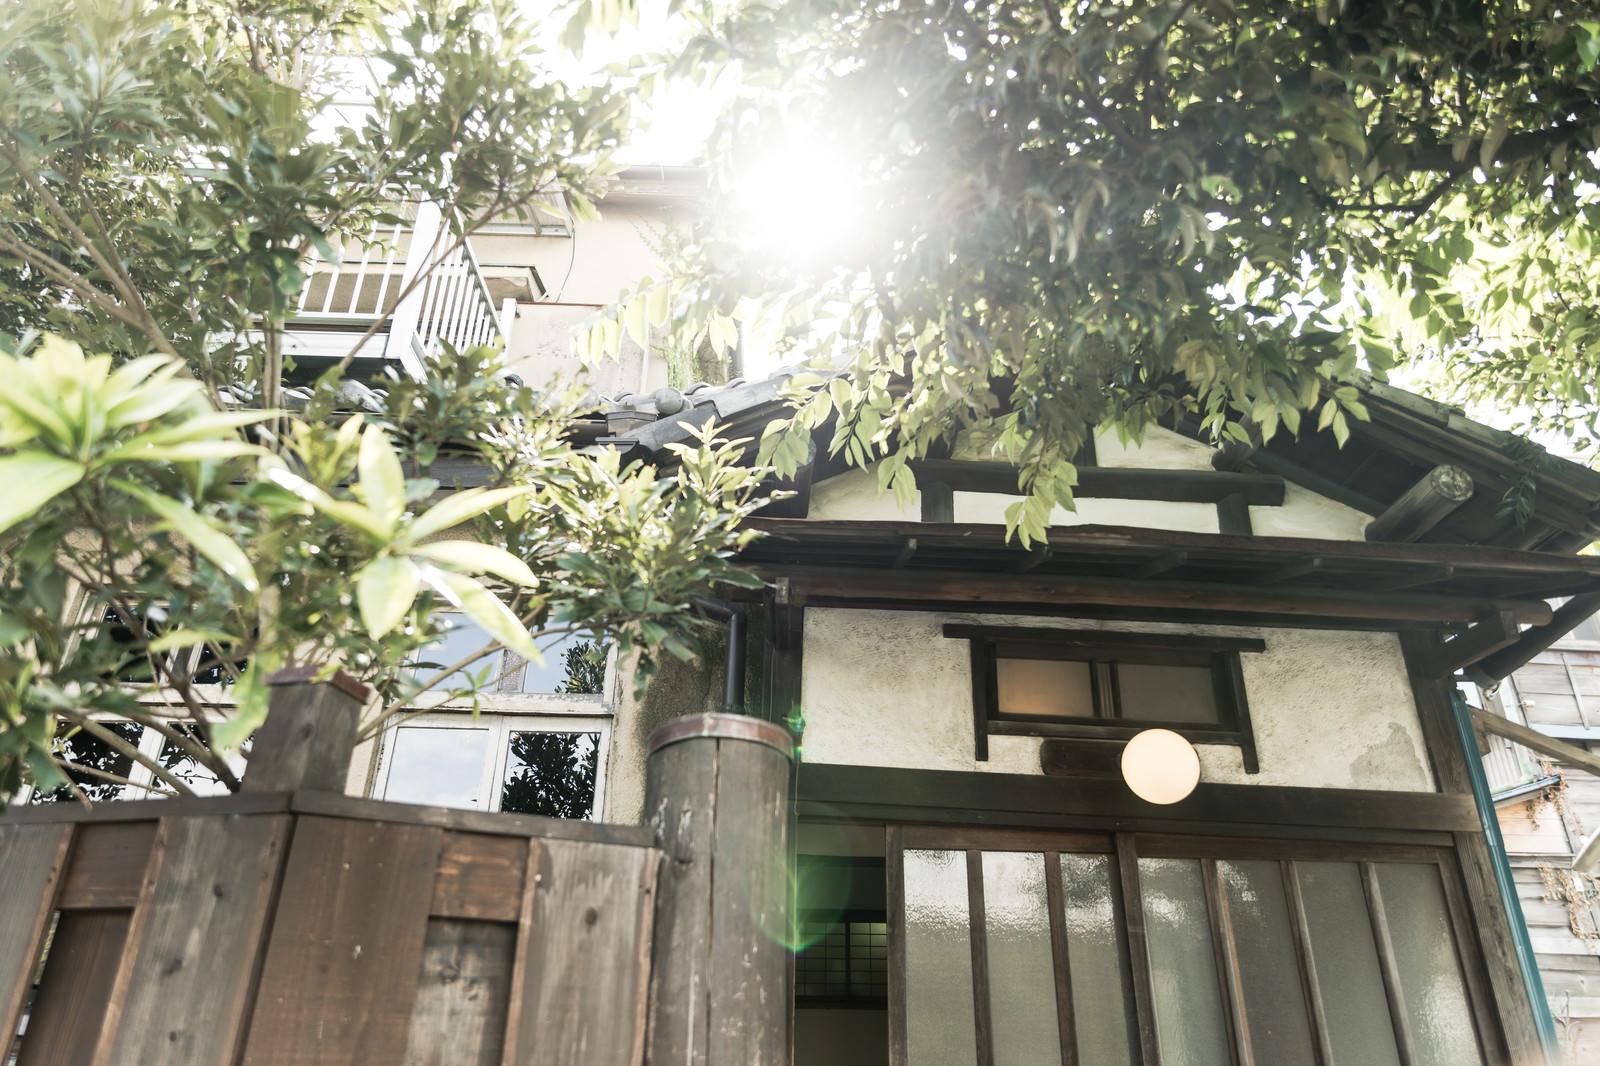 「古民家の玄関前」の写真